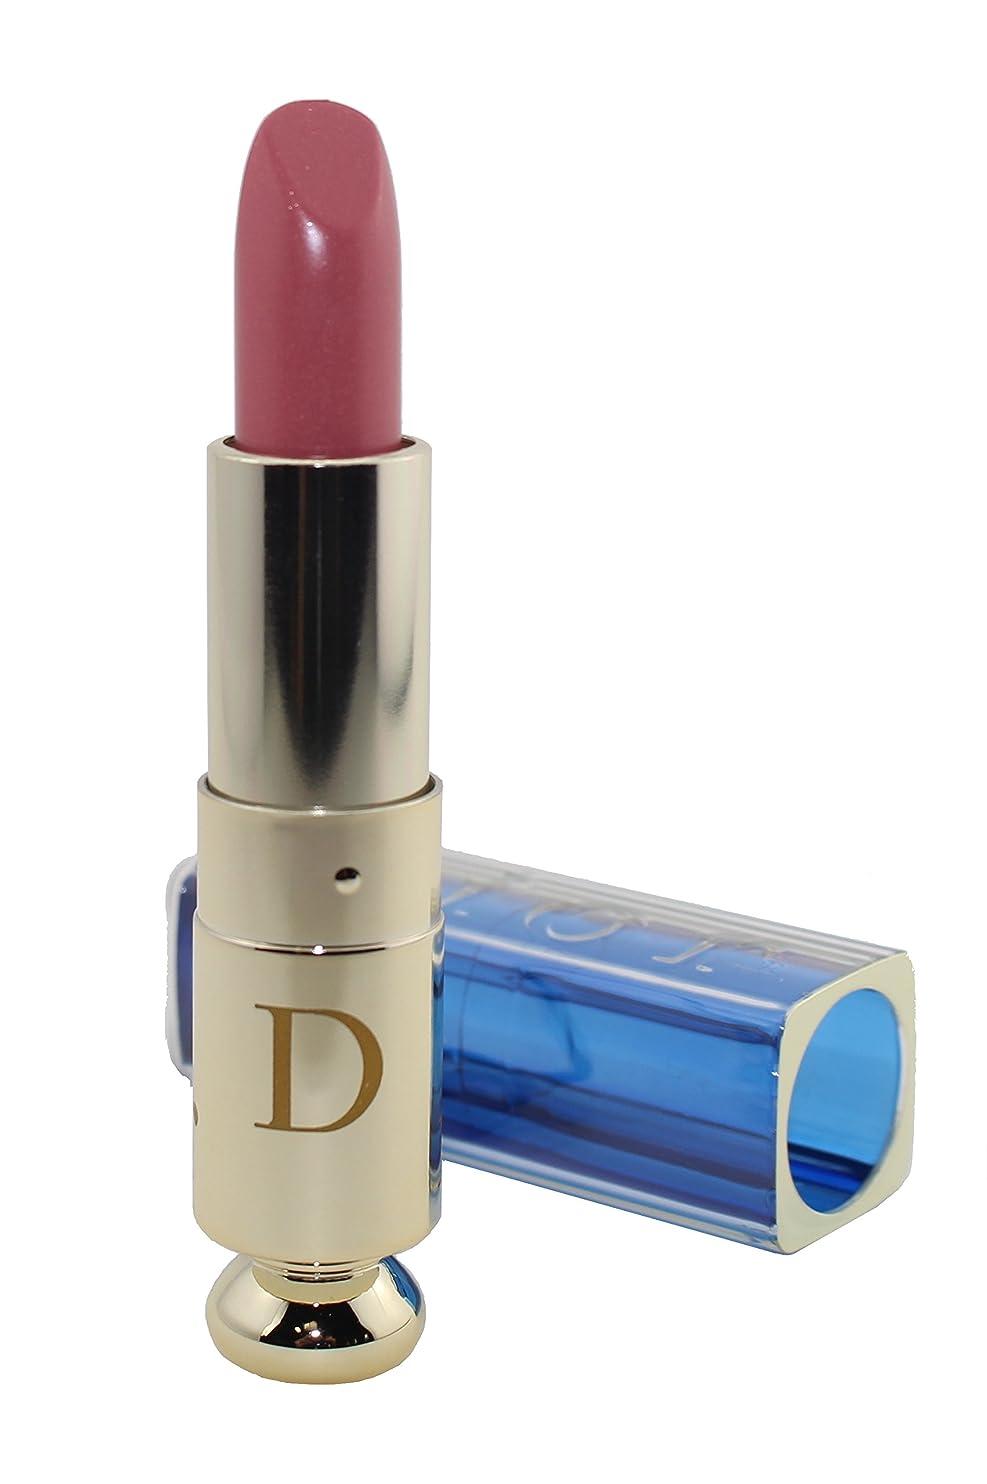 分割できた魅了するDior Addict Ultra Shine Lipstick 256 Shiniest Softness(ディオール アディクト ウルトラ シャイン リップスティック 256 シャイニエストソフトネス)[海外直送品] [並行輸入品]